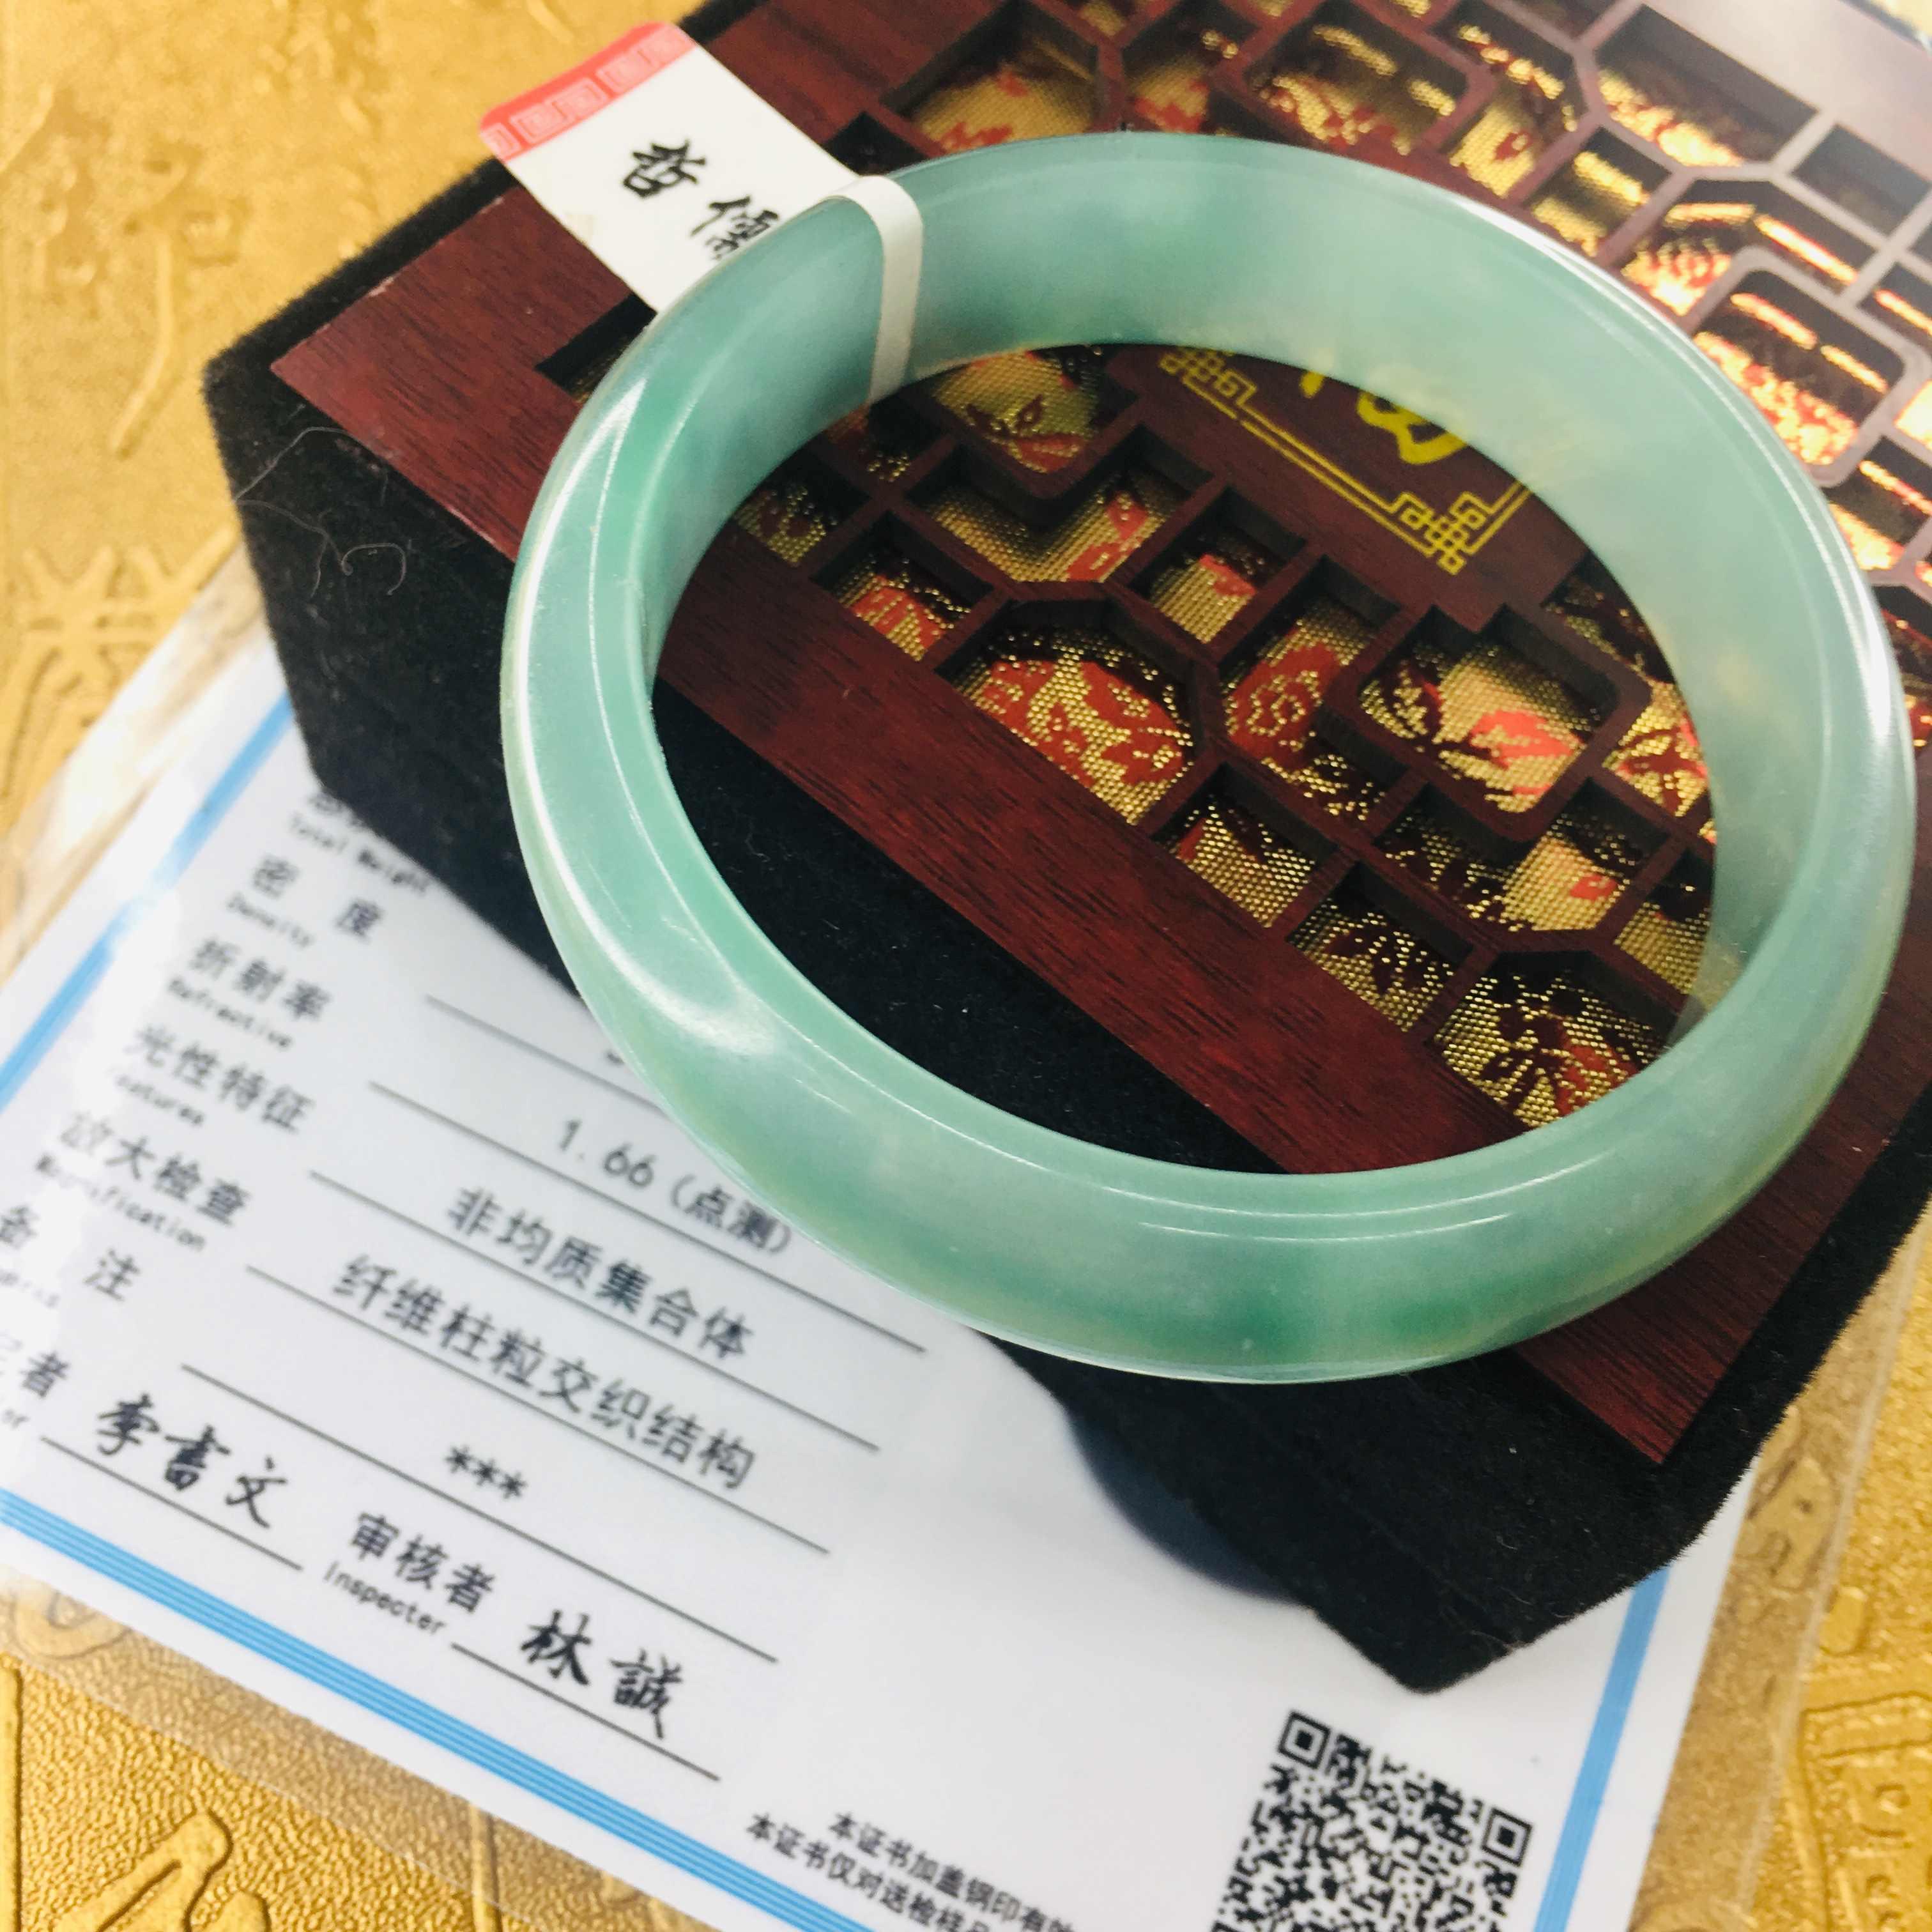 ส่งใบรับรองธรรมชาติ Jadeite สร้อยข้อมือสีเขียวสดของแข็งสี 54-61 มม. สร้อยข้อมือหยกเครื่องประดับของขวัญ